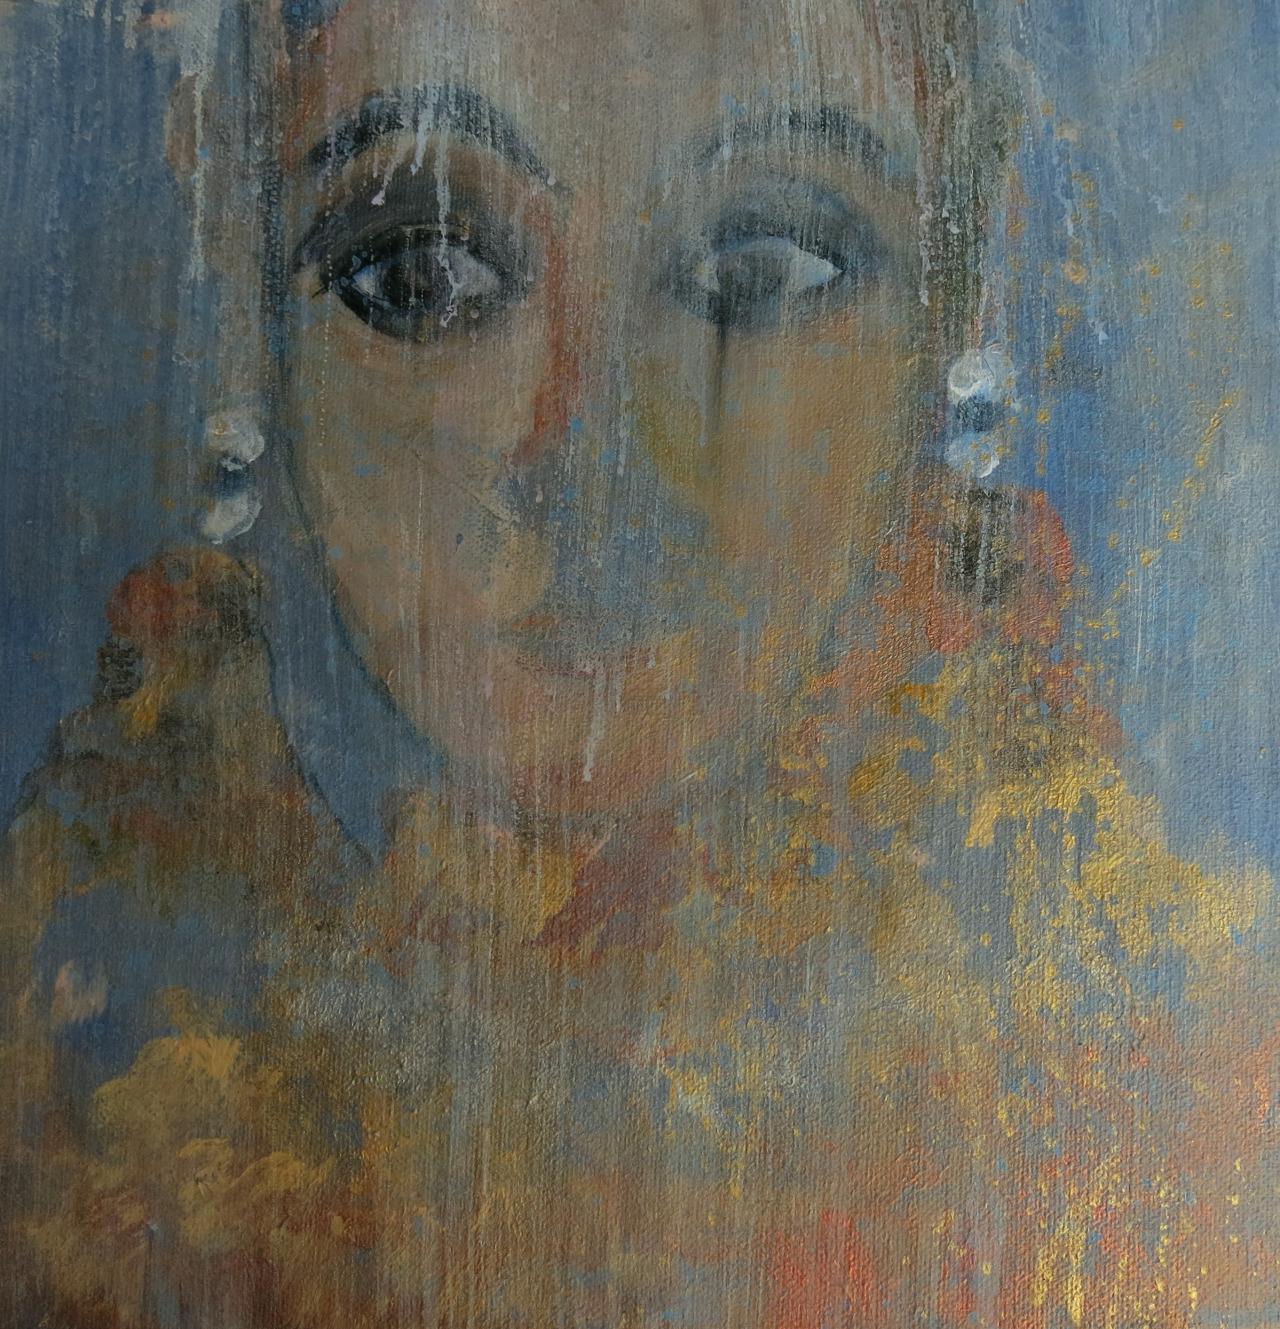 Dame mit zwei Ohrringen, Mischtechnik auf Leinwand, 30x30 cm, 2014